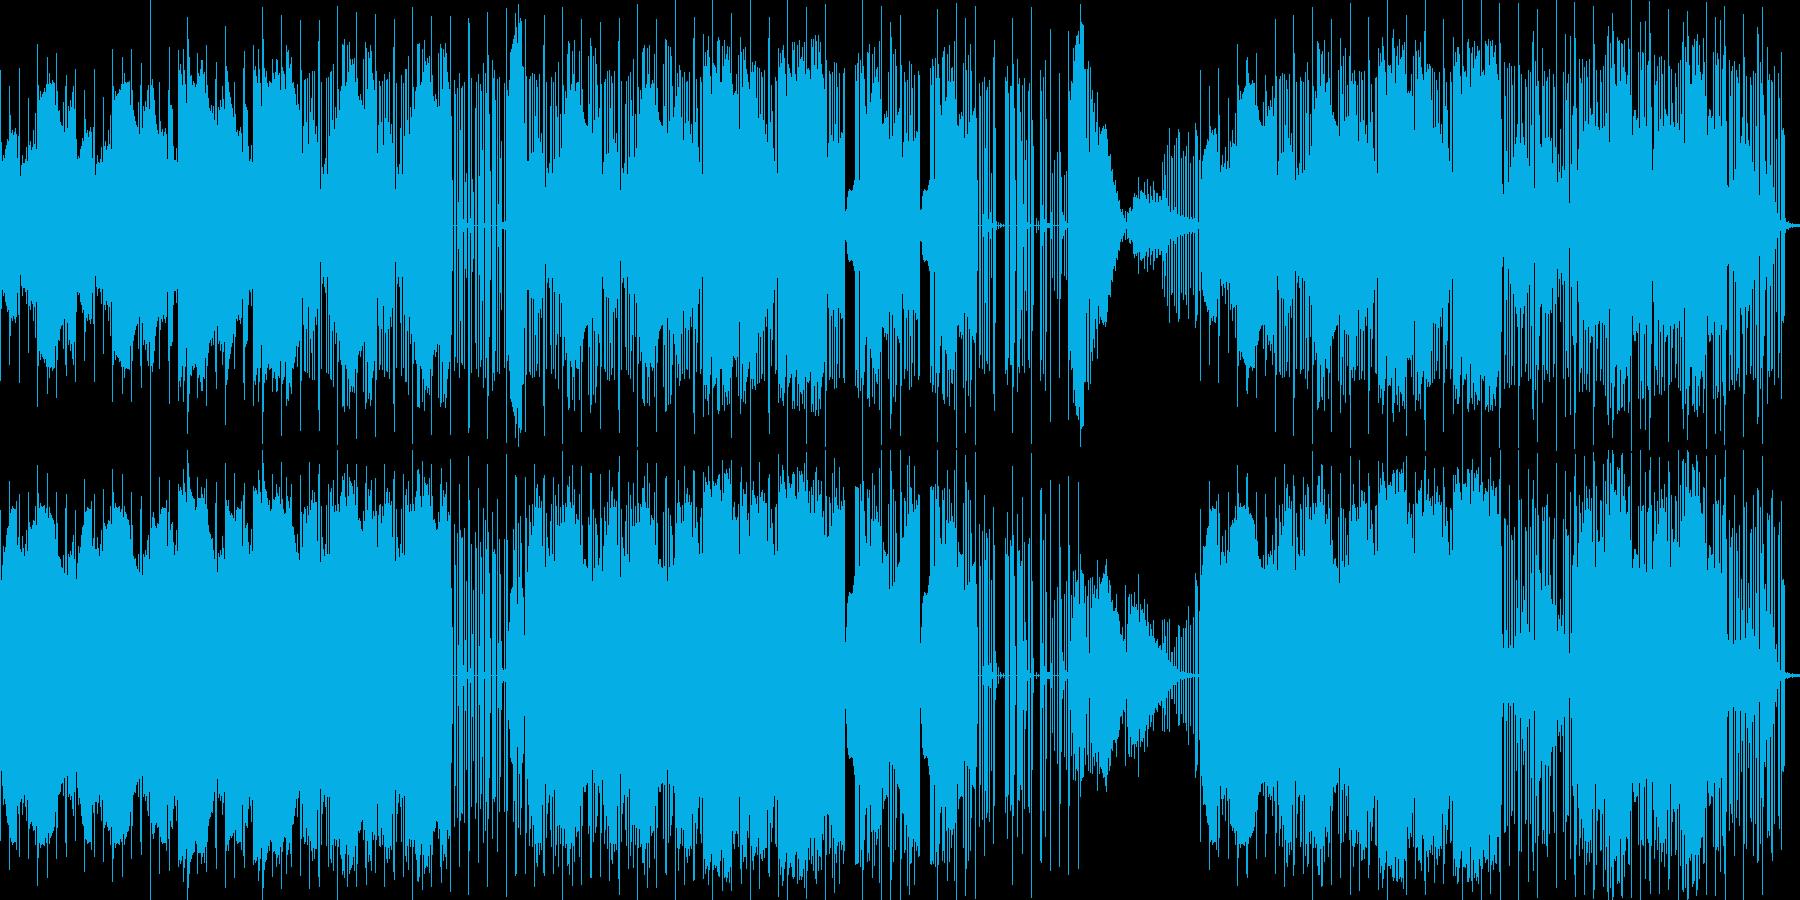 お茶目なホラーミュージックの再生済みの波形